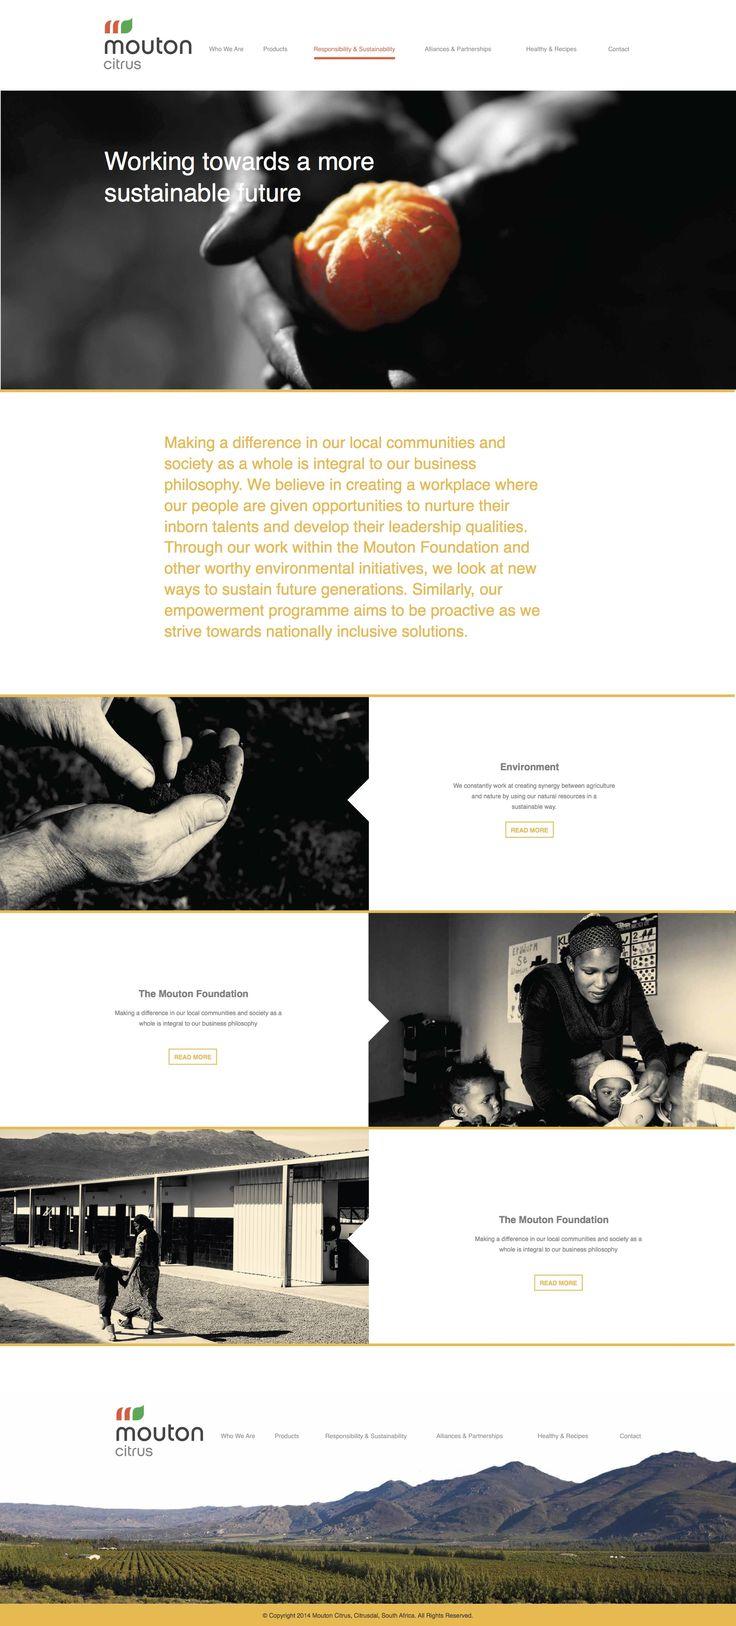 Mouton citrus, parallax, web design, UI, UX, fruit, farm